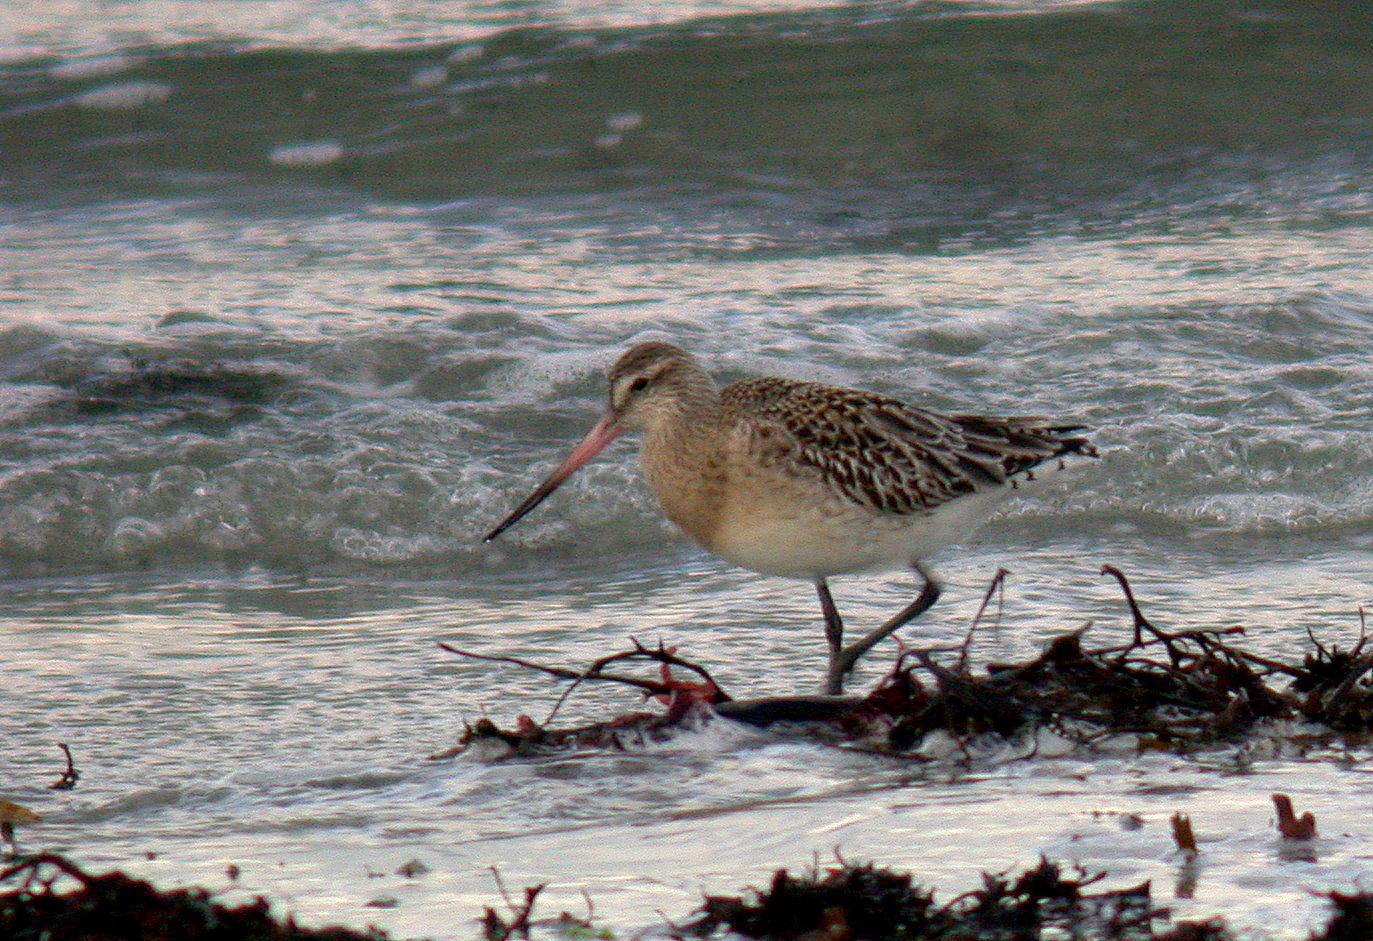 Bar-tailed Godwit - vazon - 15 Dec 10